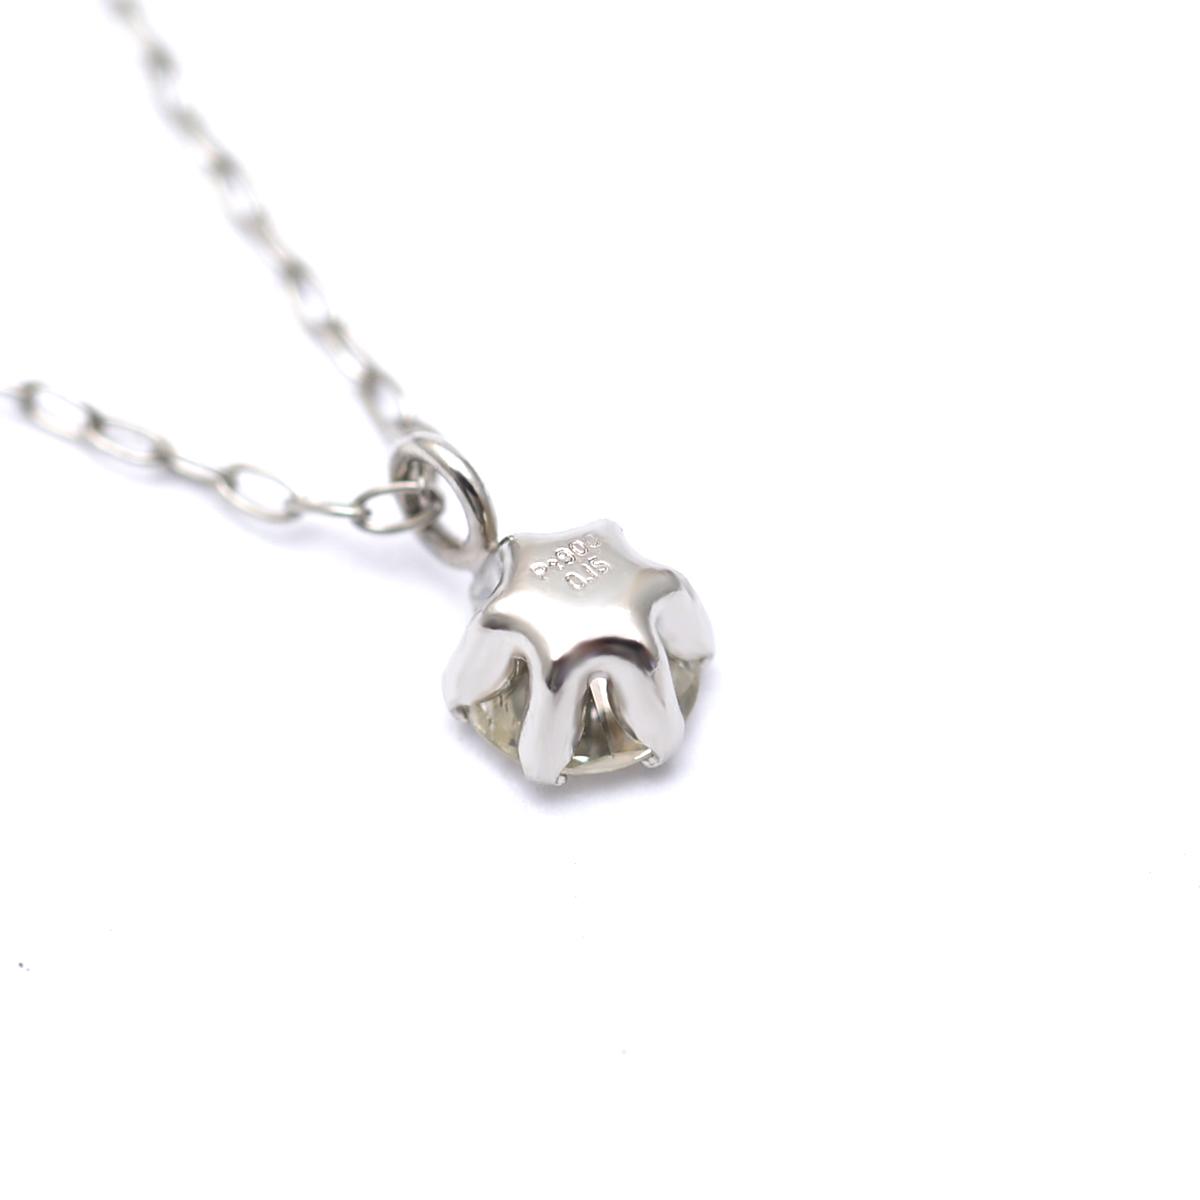 k18ネックレス ハワイアンジュエリー ネックレス 一粒ダイヤネックレス ハワイアンファンシーカラーダイヤモンドネックレス ワイメアサンセット 0.15ct Pt900 K18 (チェーンPt850) ane1618/新作